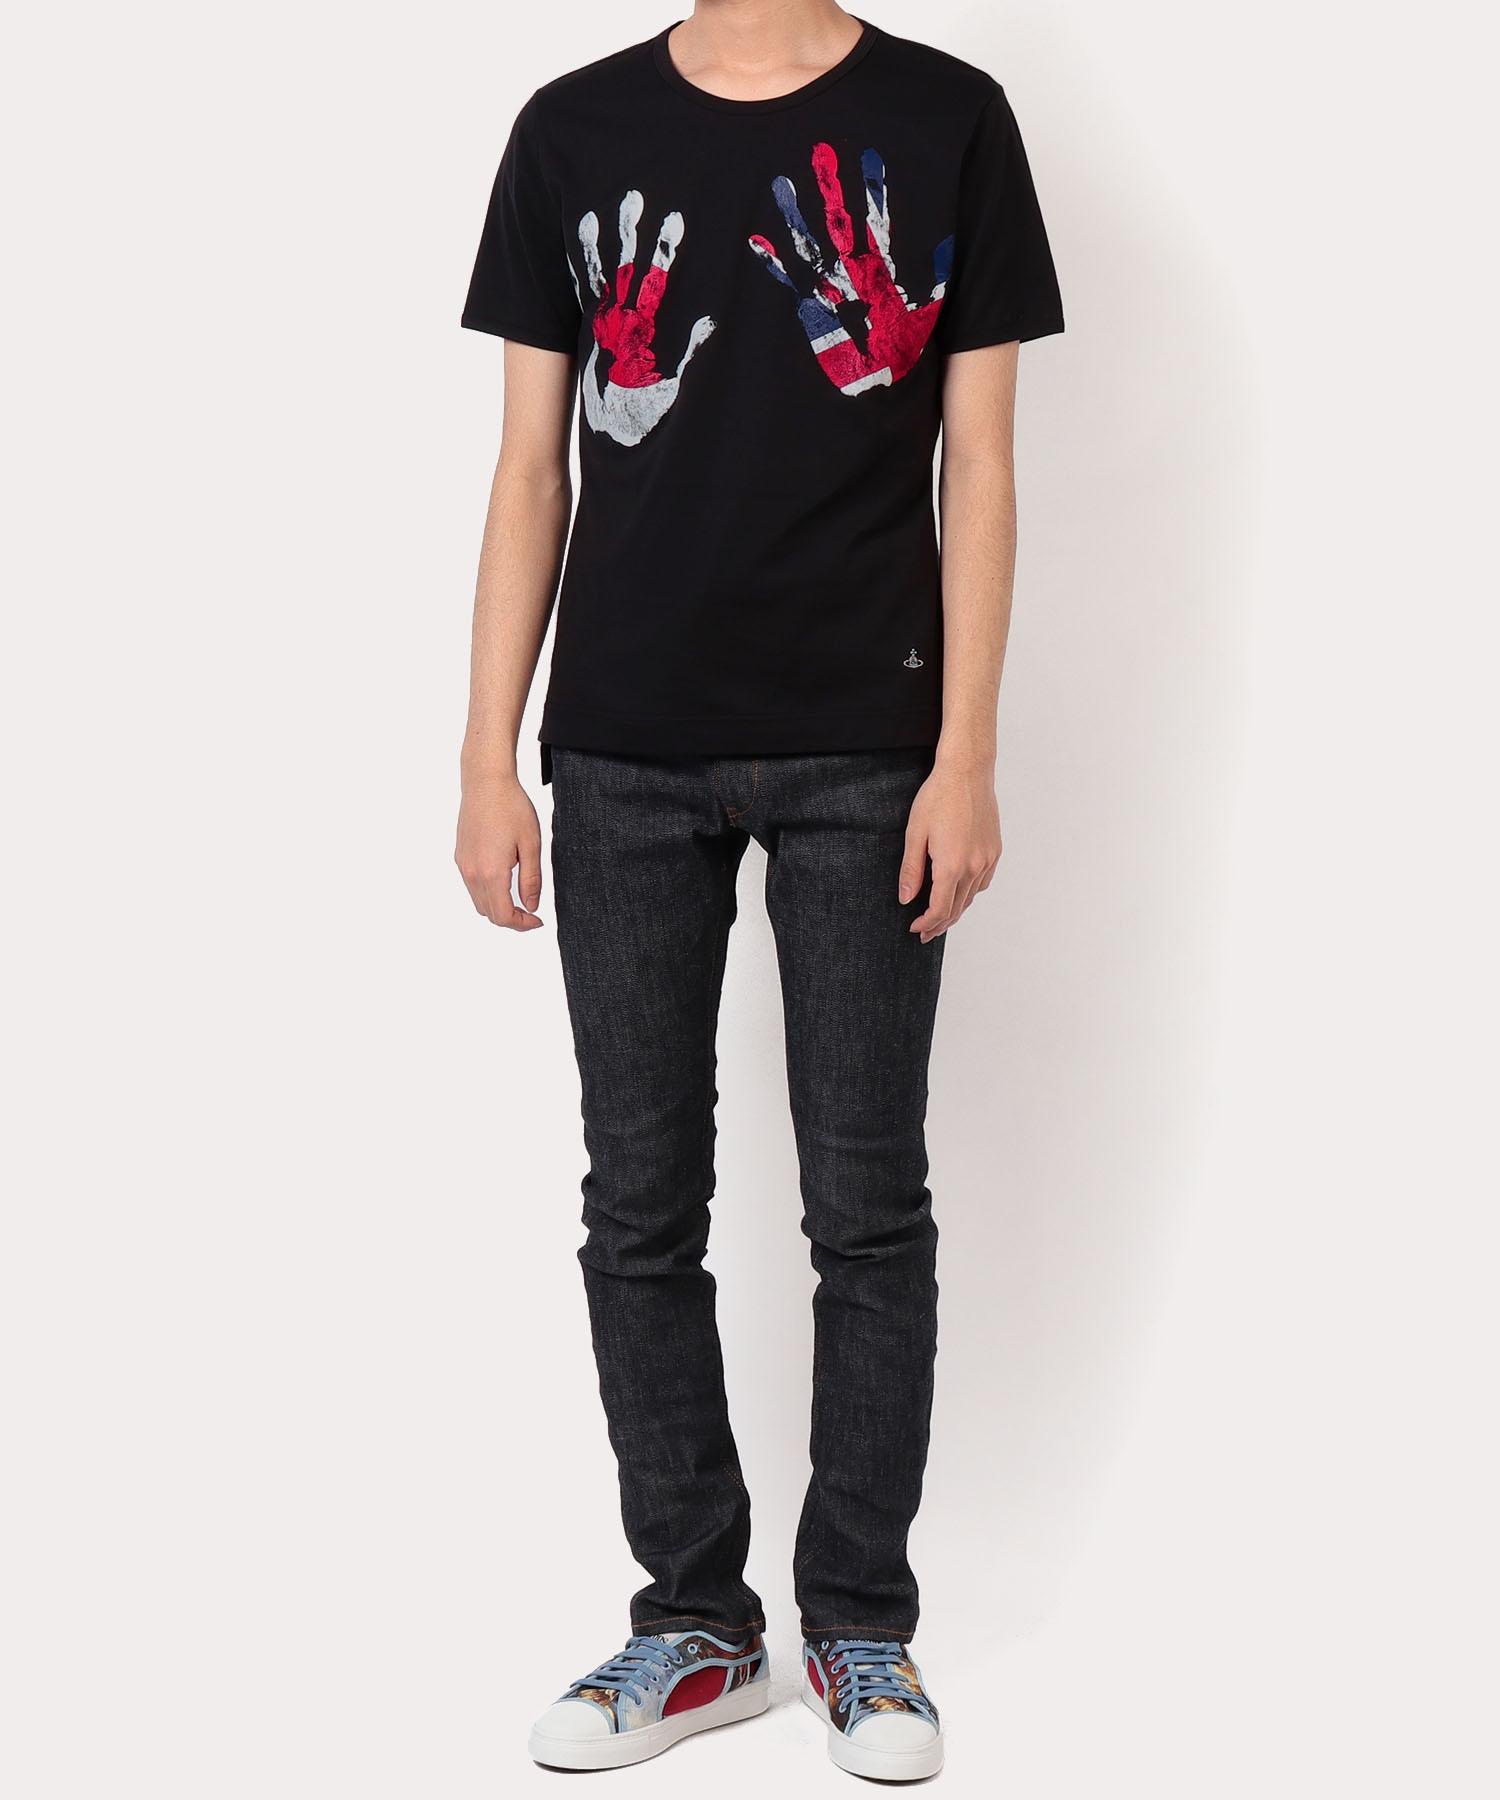 ハンドプリント クラシック半袖Tシャツ